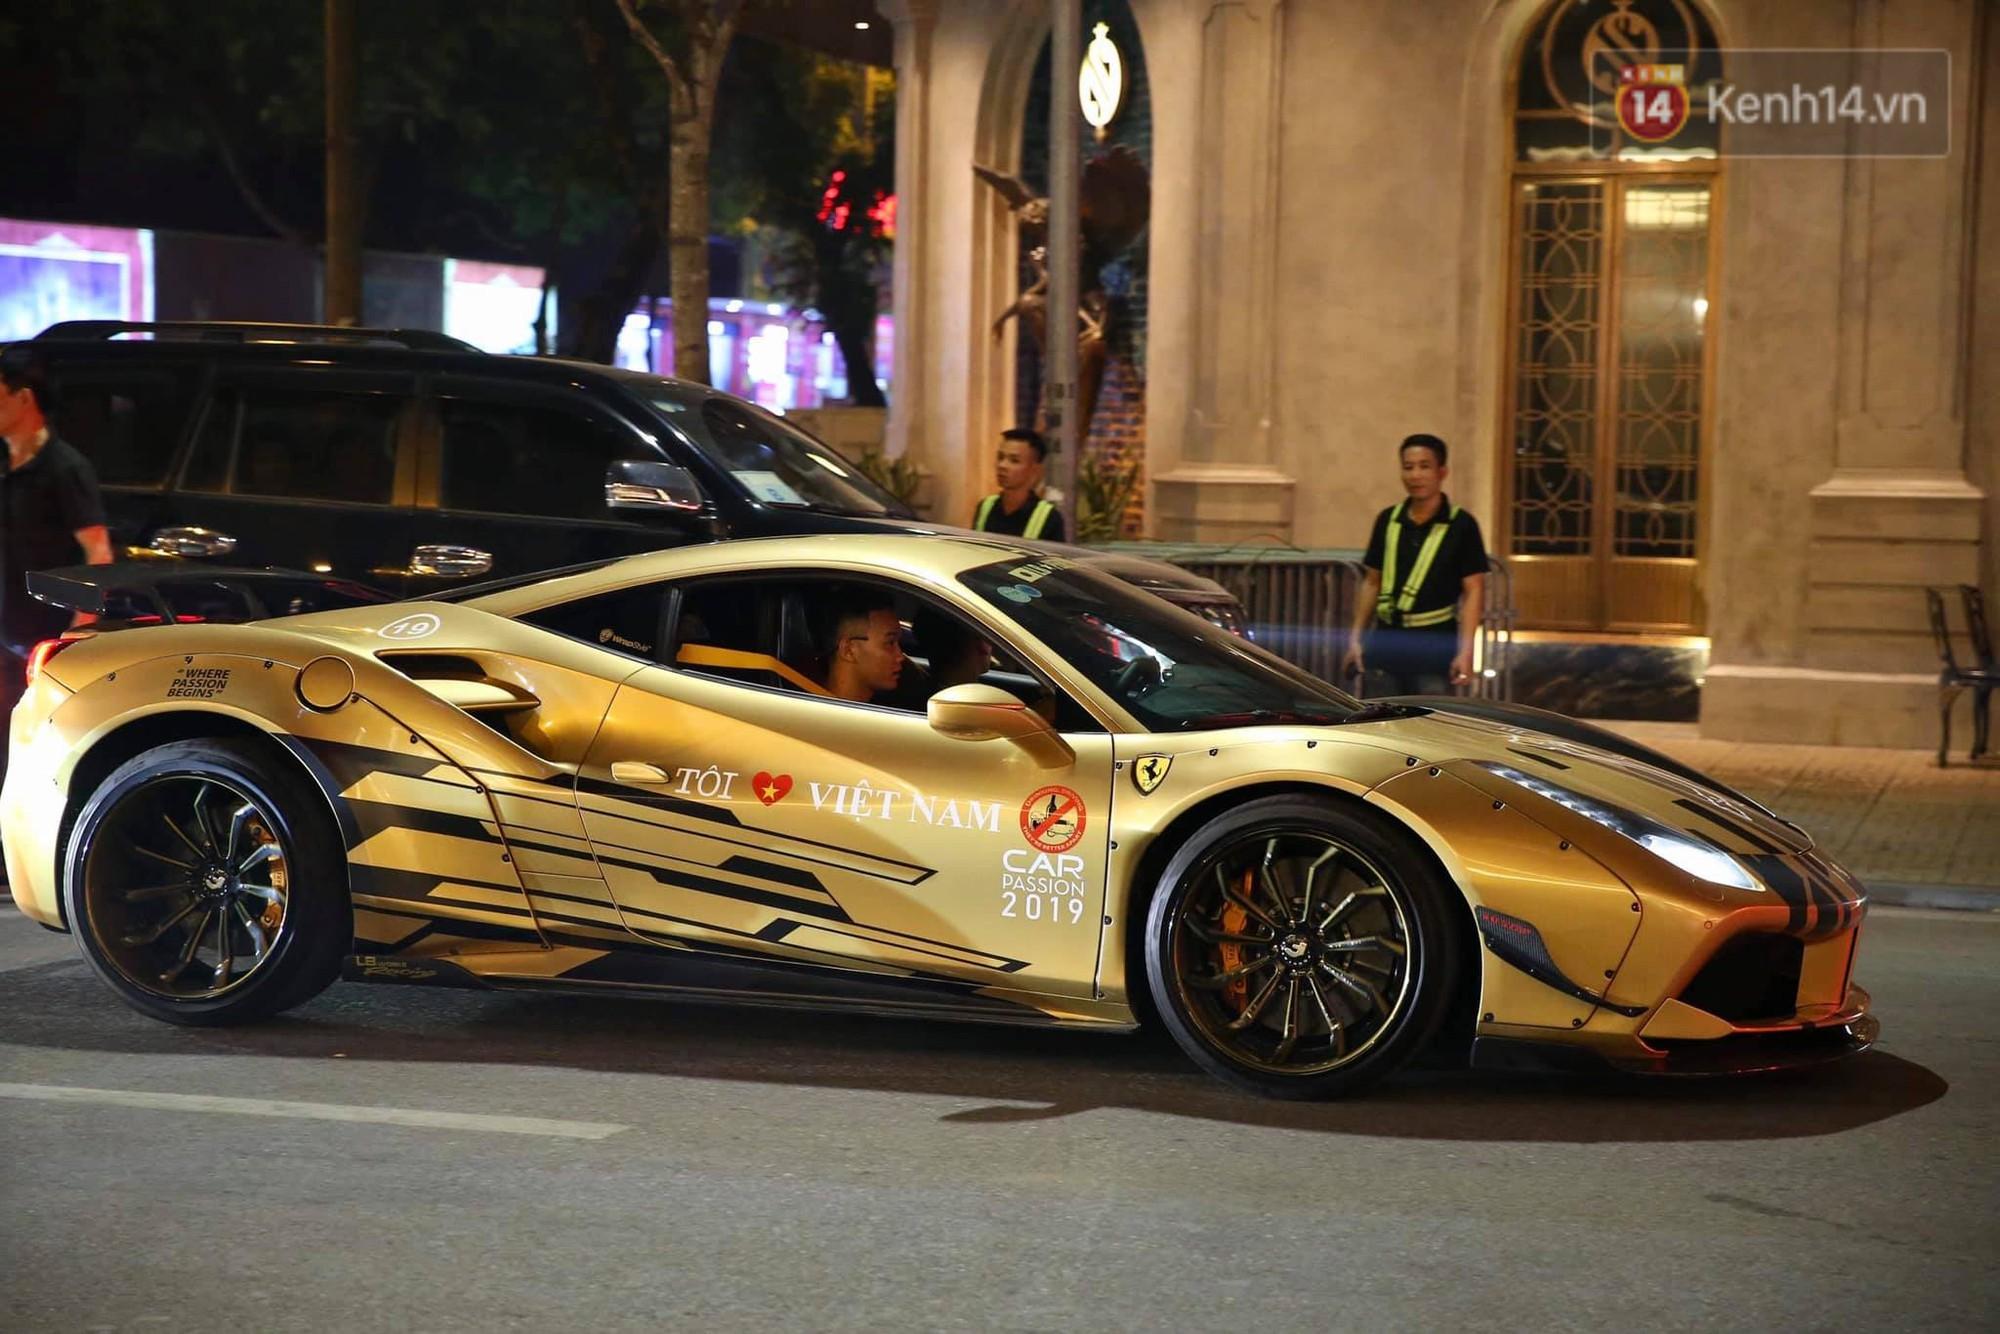 Dàn siêu xe hơn 300 tỷ rầm rộ tụ họp trên đường phố Hà Nội, Cường Đô La và vợ cũng xuất hiện với chiếc Audi R8V10-9